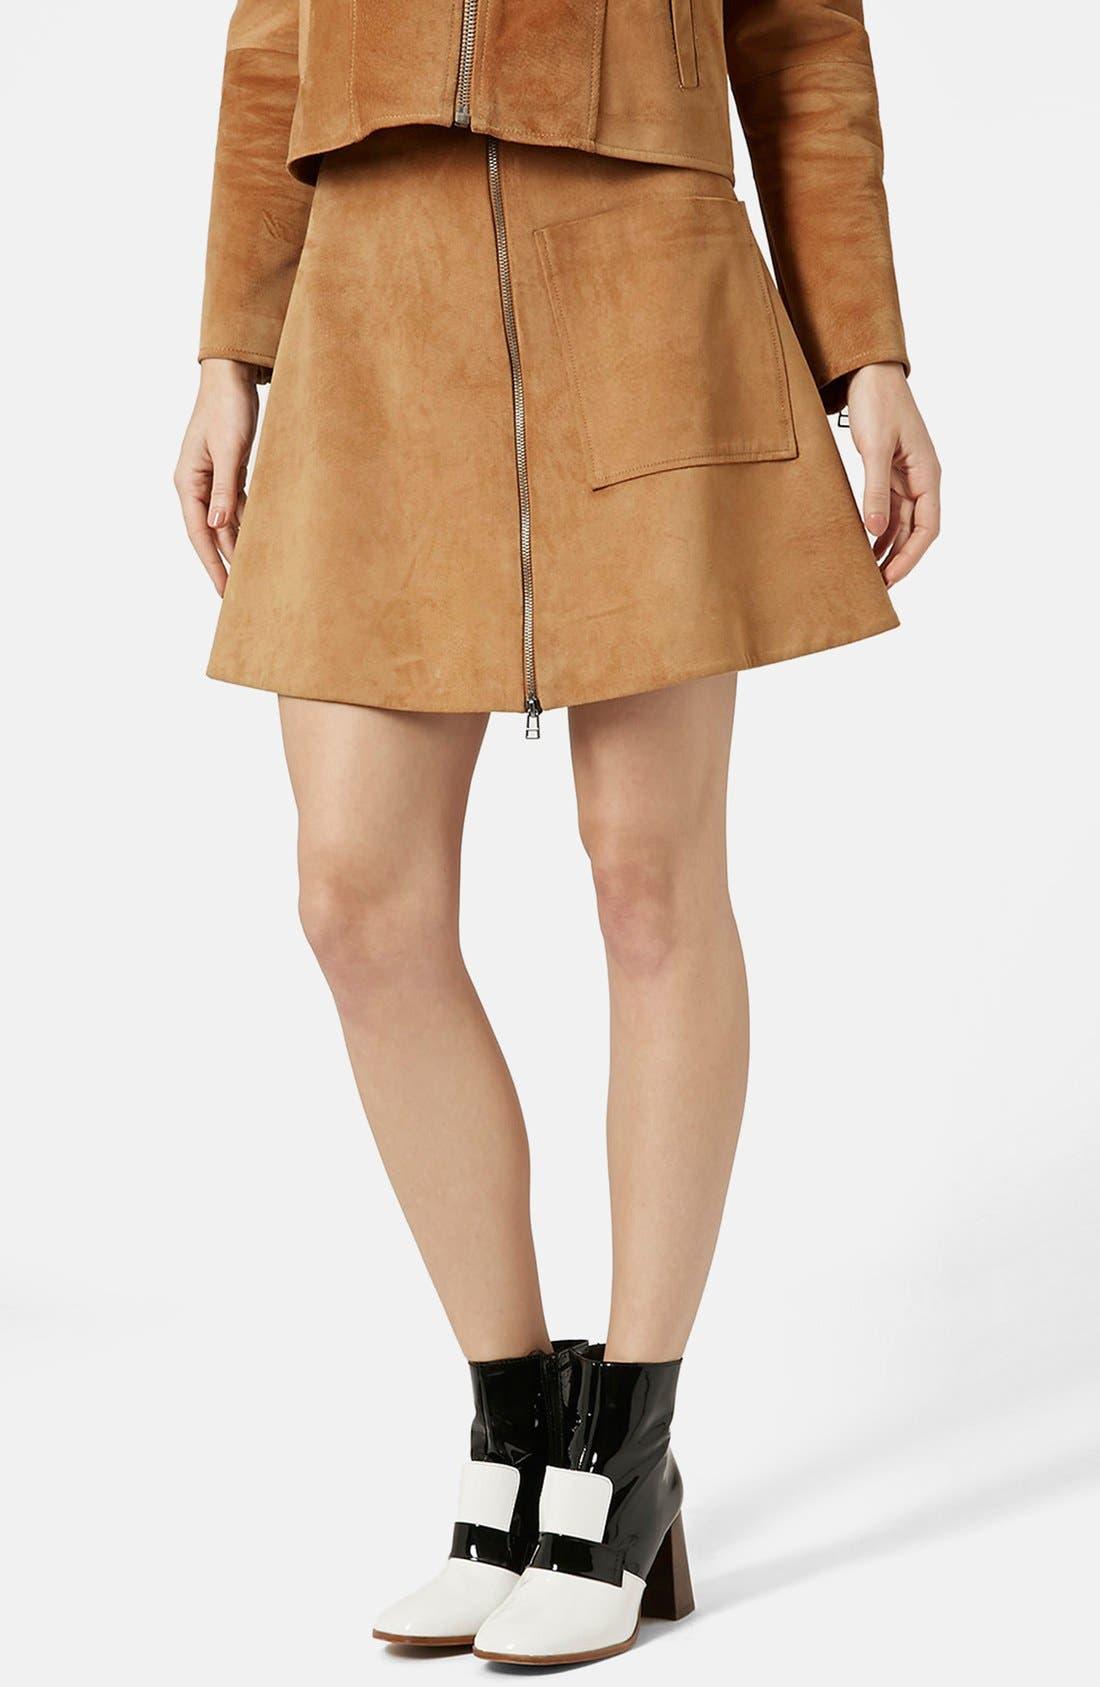 Alternate Image 1 Selected - Topshop Front Zip Suede Skirt (Brit Pop-In) (Nordstrom Exclusive)